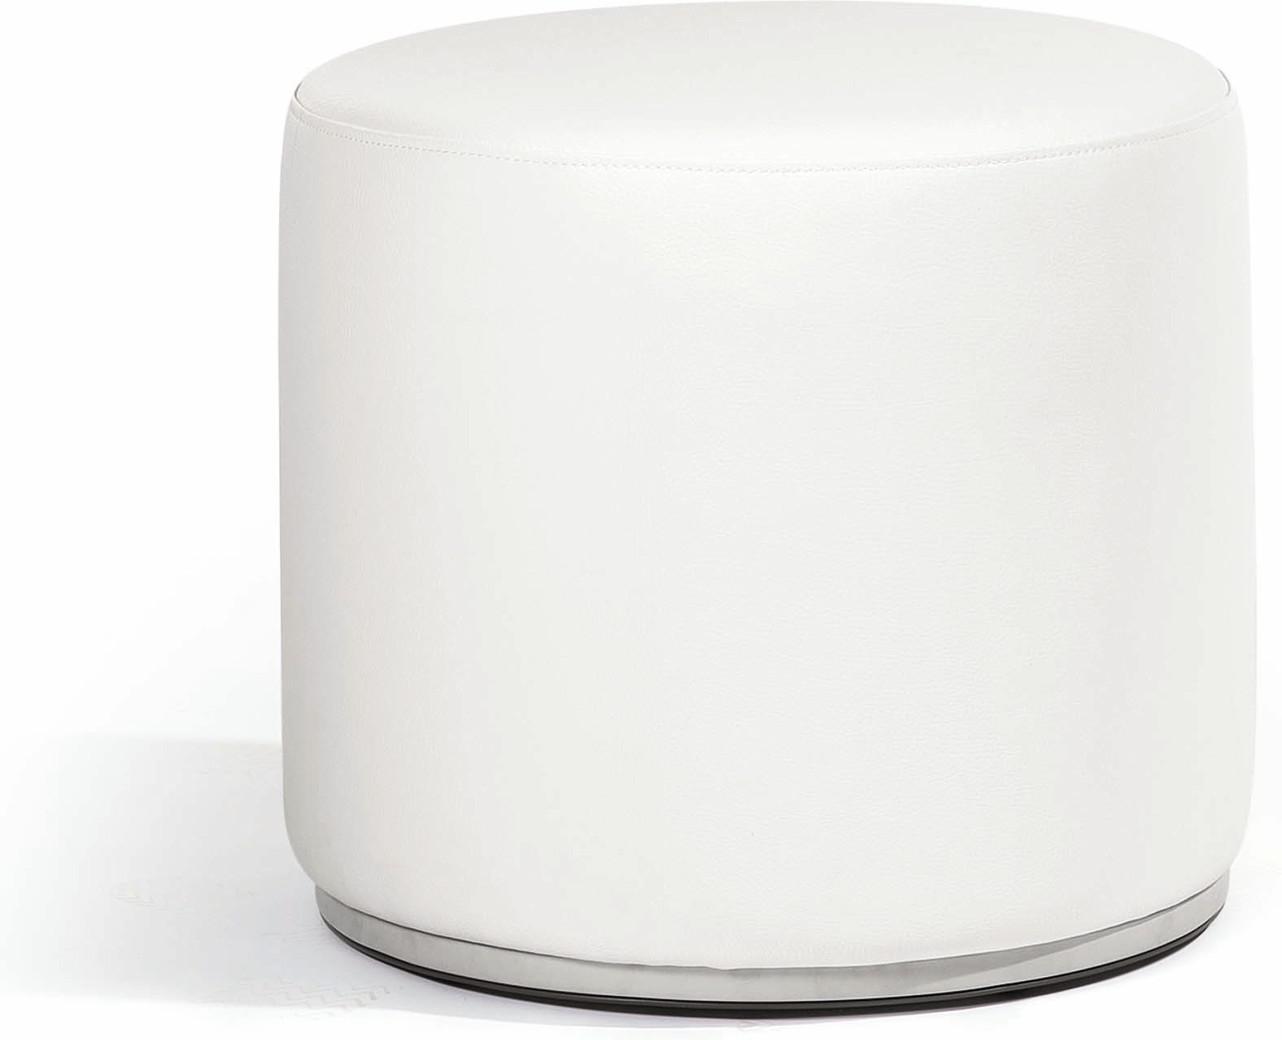 Moon Island footstool/sidetable 52 nautic leather white